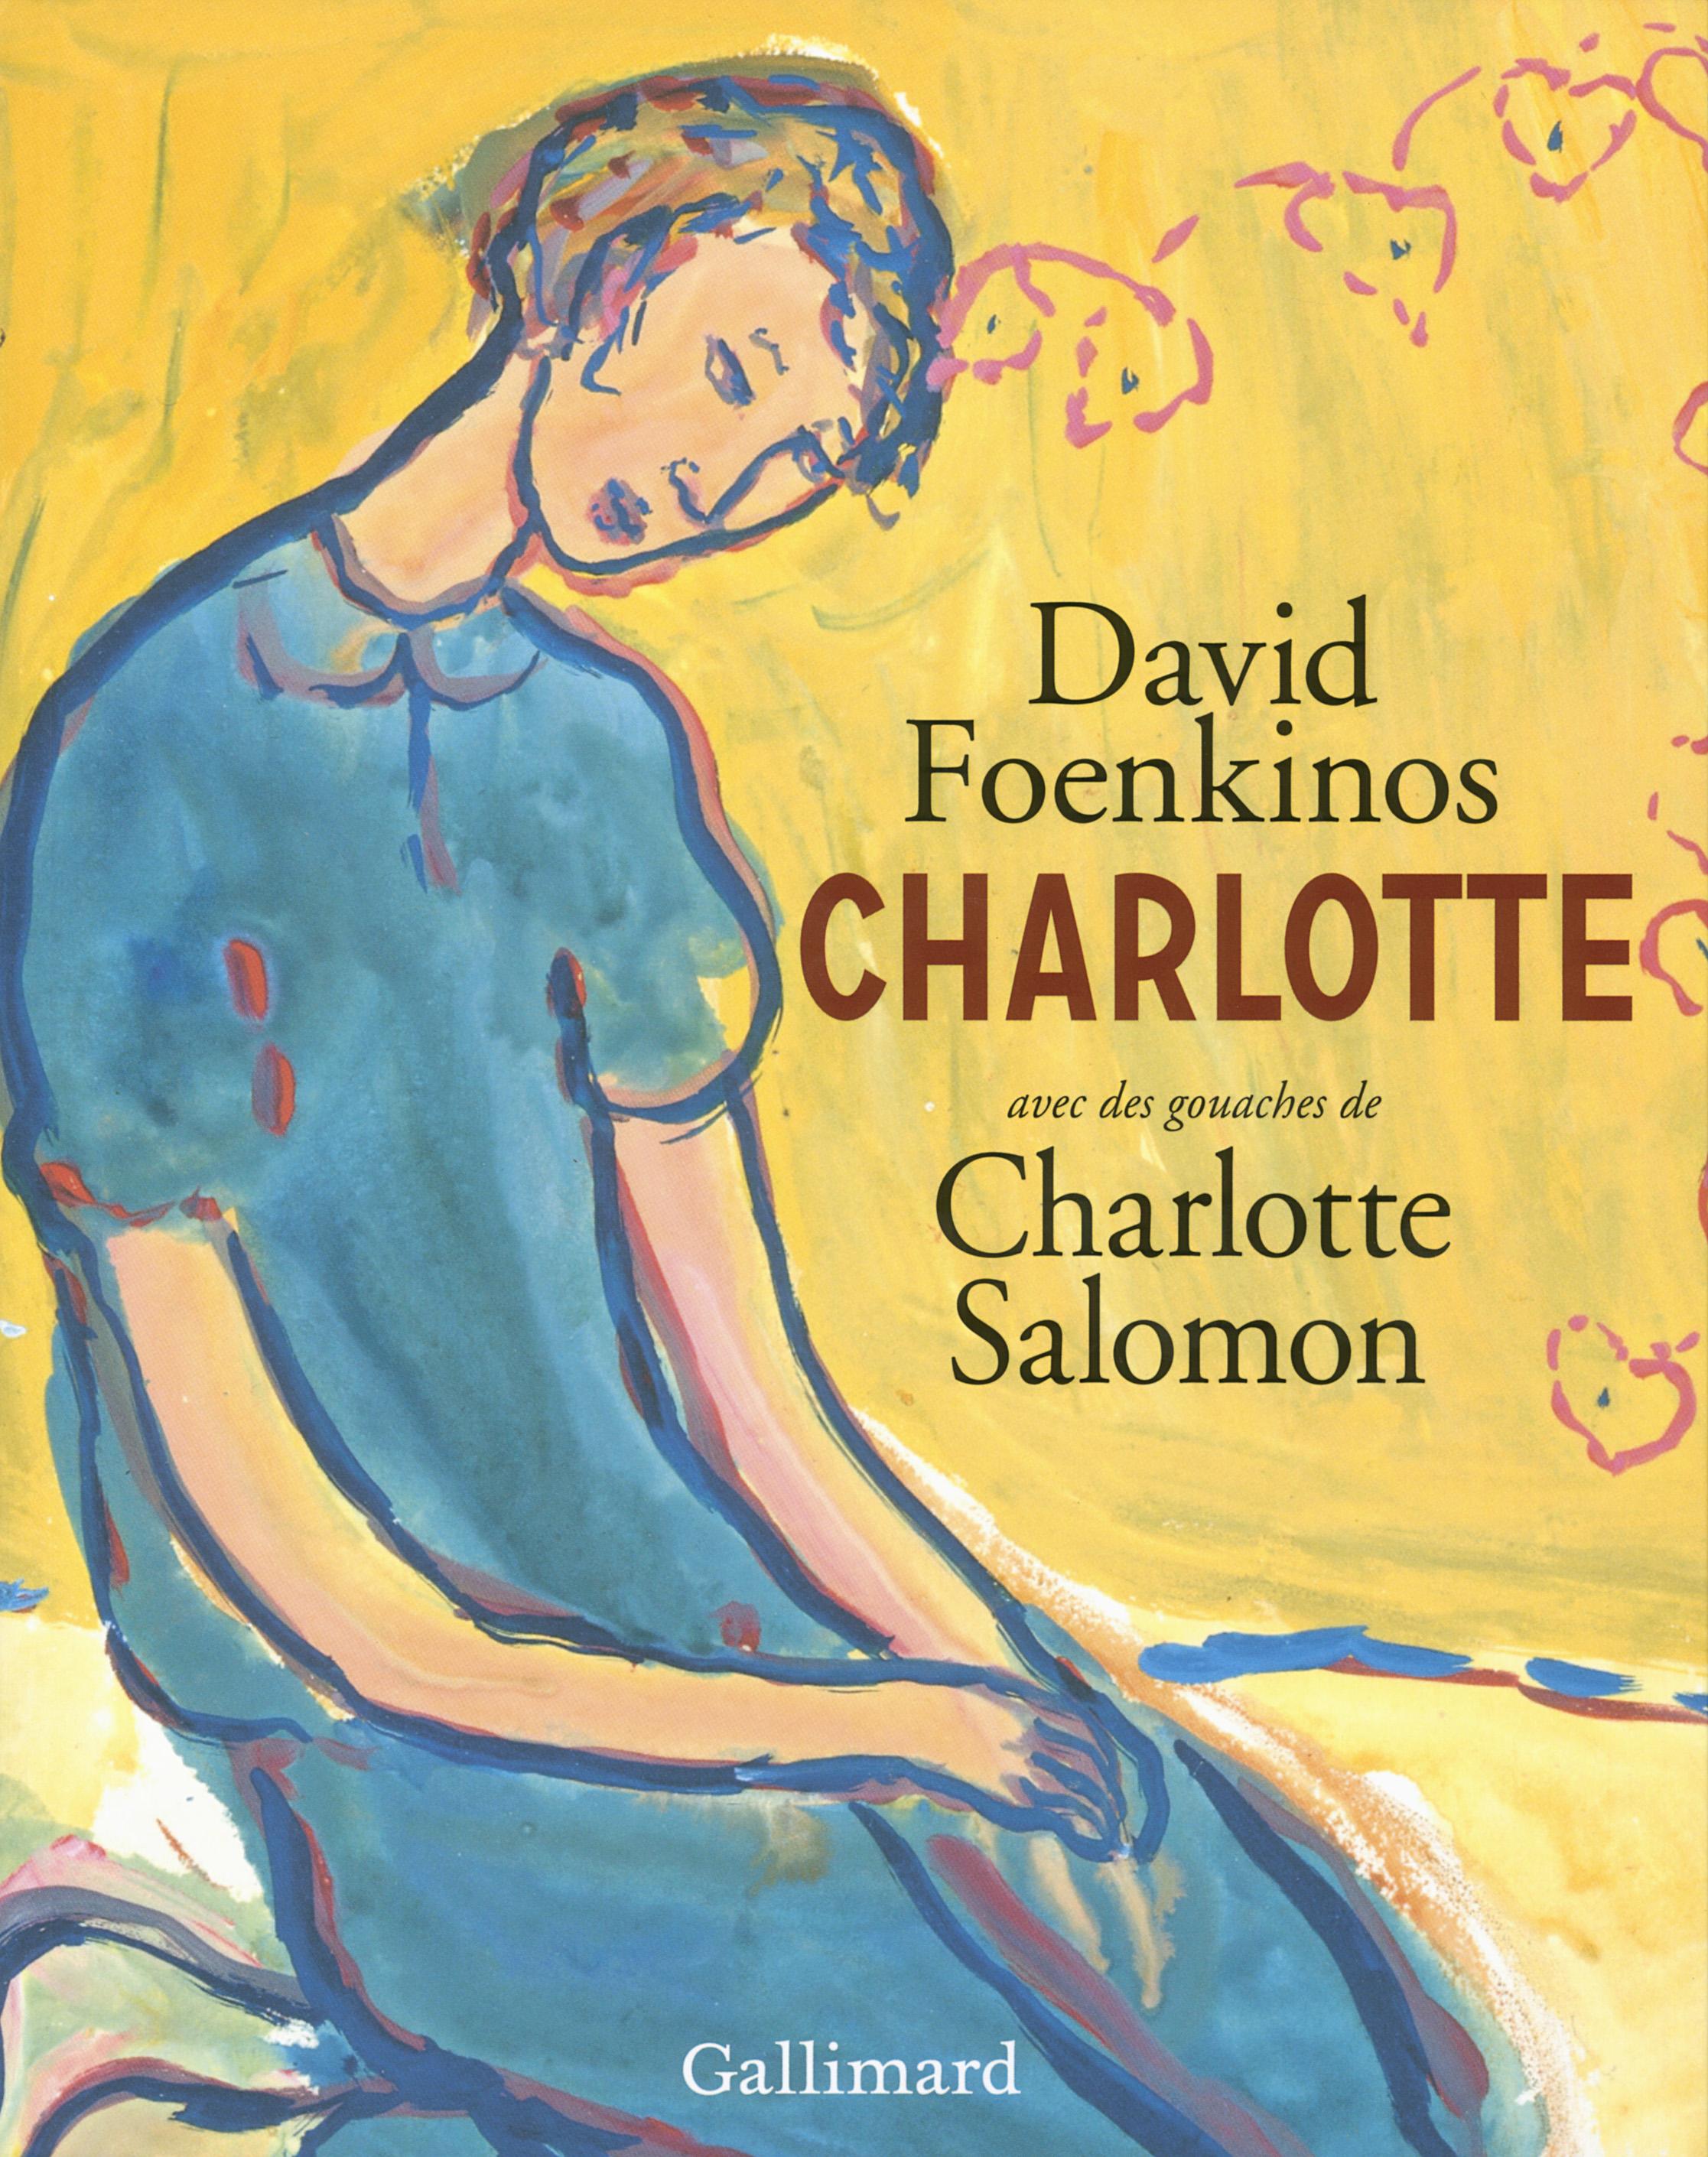 Charlotte Livres D Art Gallimard Site Gallimard